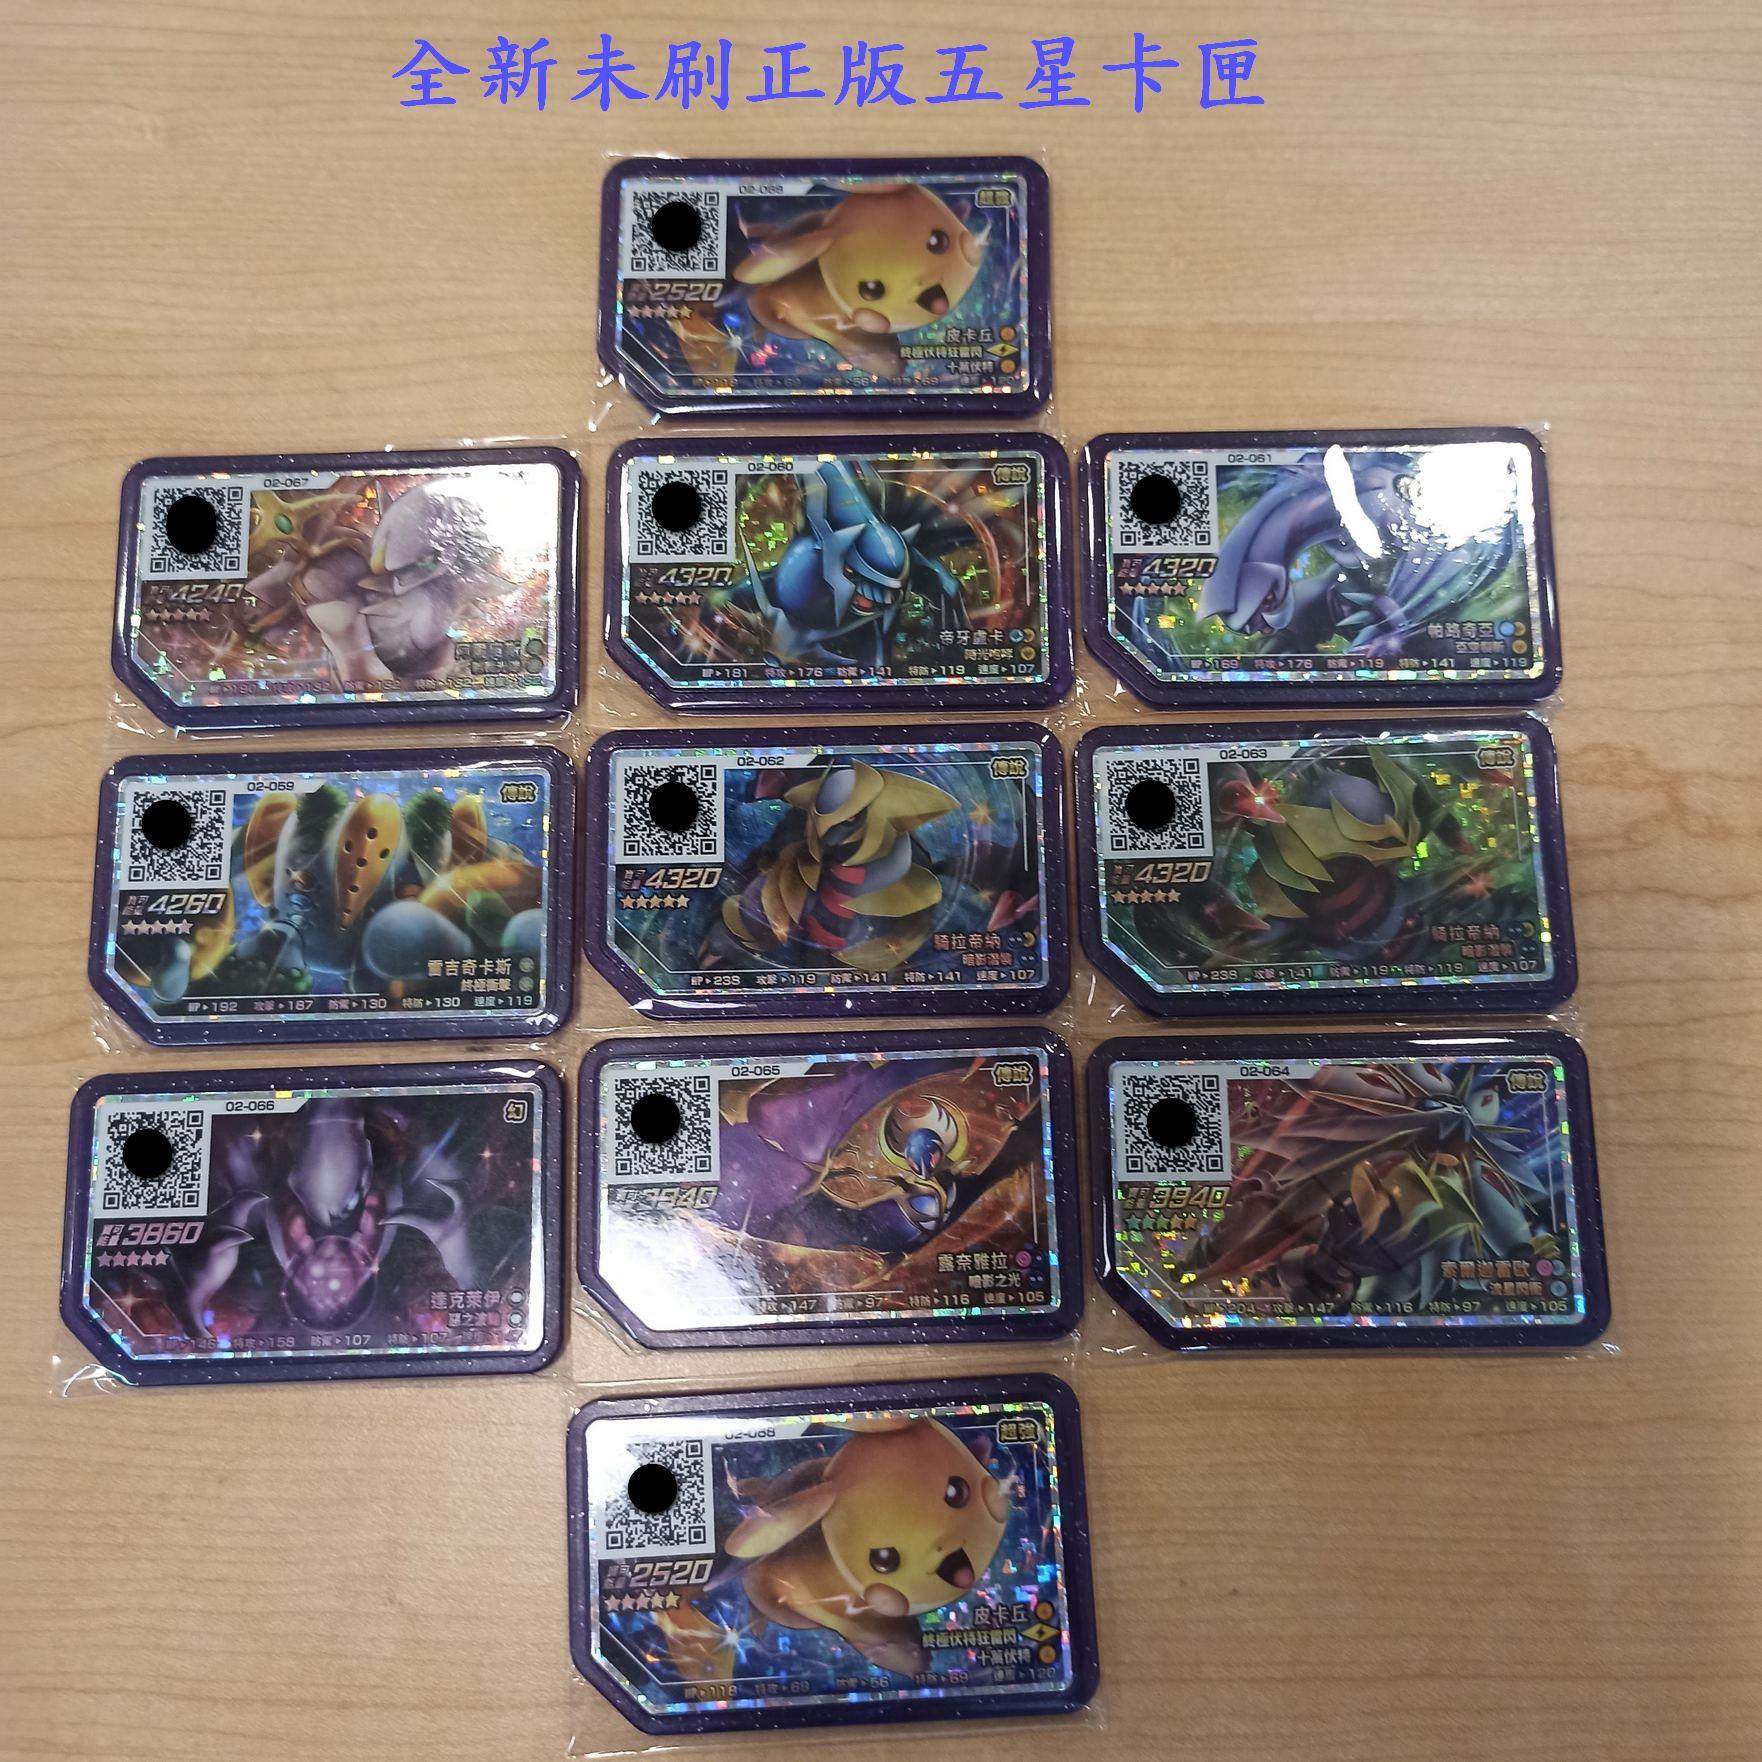 【台正版】Gaole 寶可夢 第二彈 五星卡 正版卡匣 免運